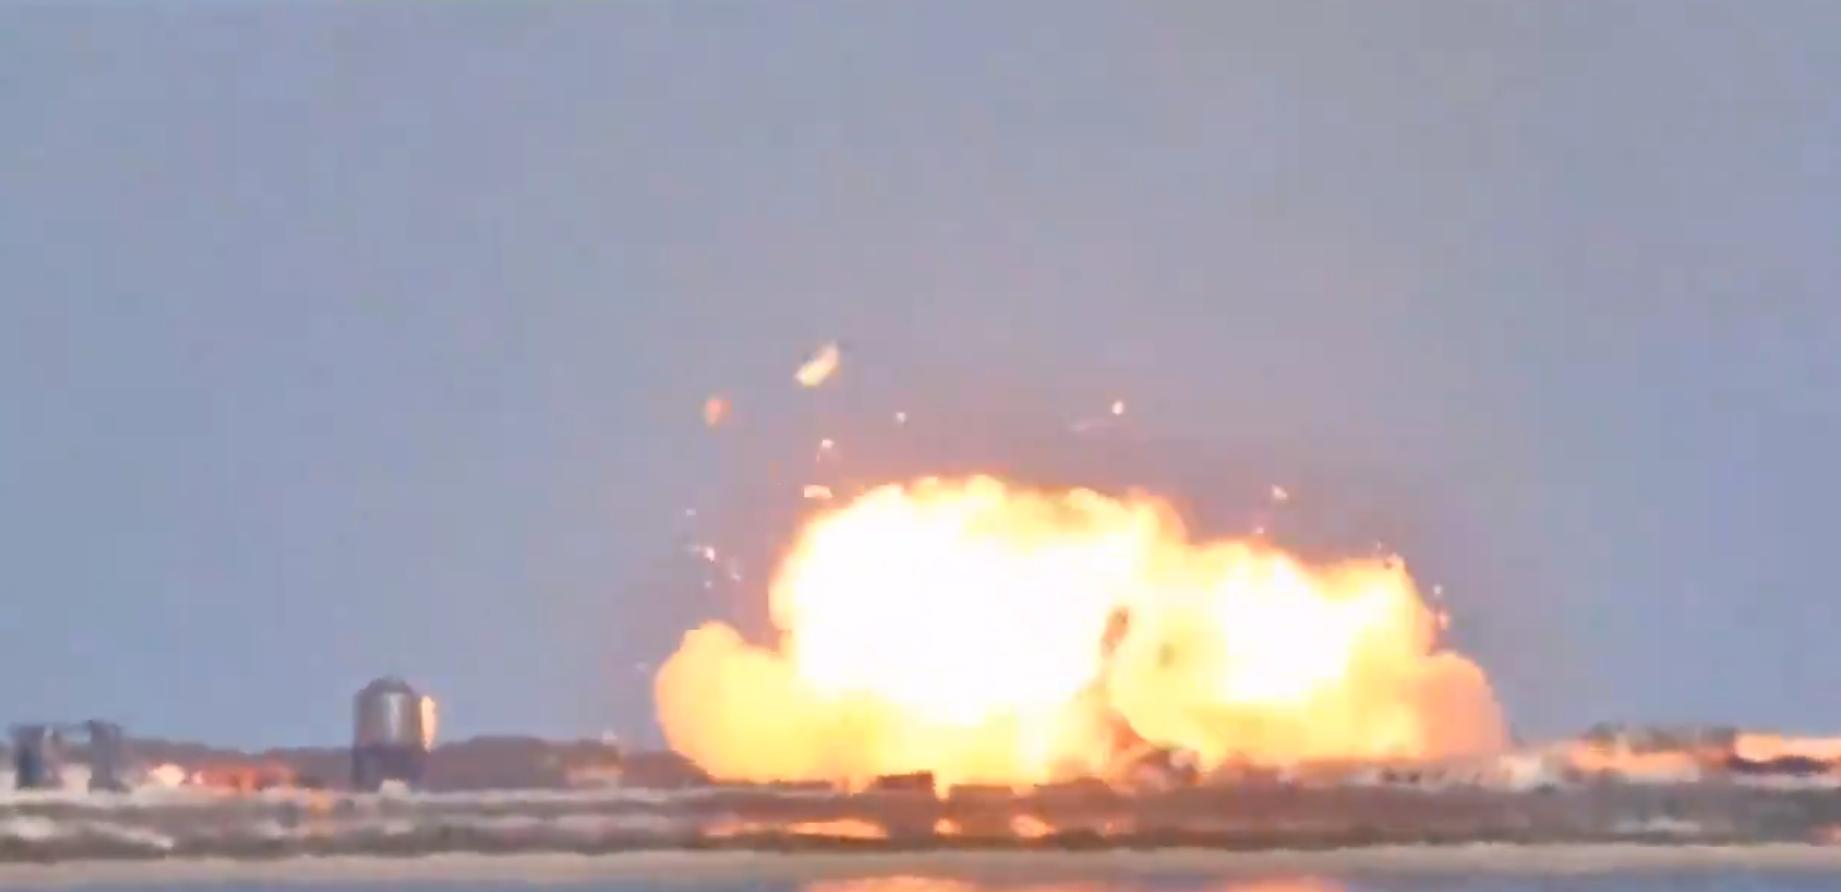 VIDEO. O rachetă SpaceX Starship a explodat în timp ce încerca să aterizeze